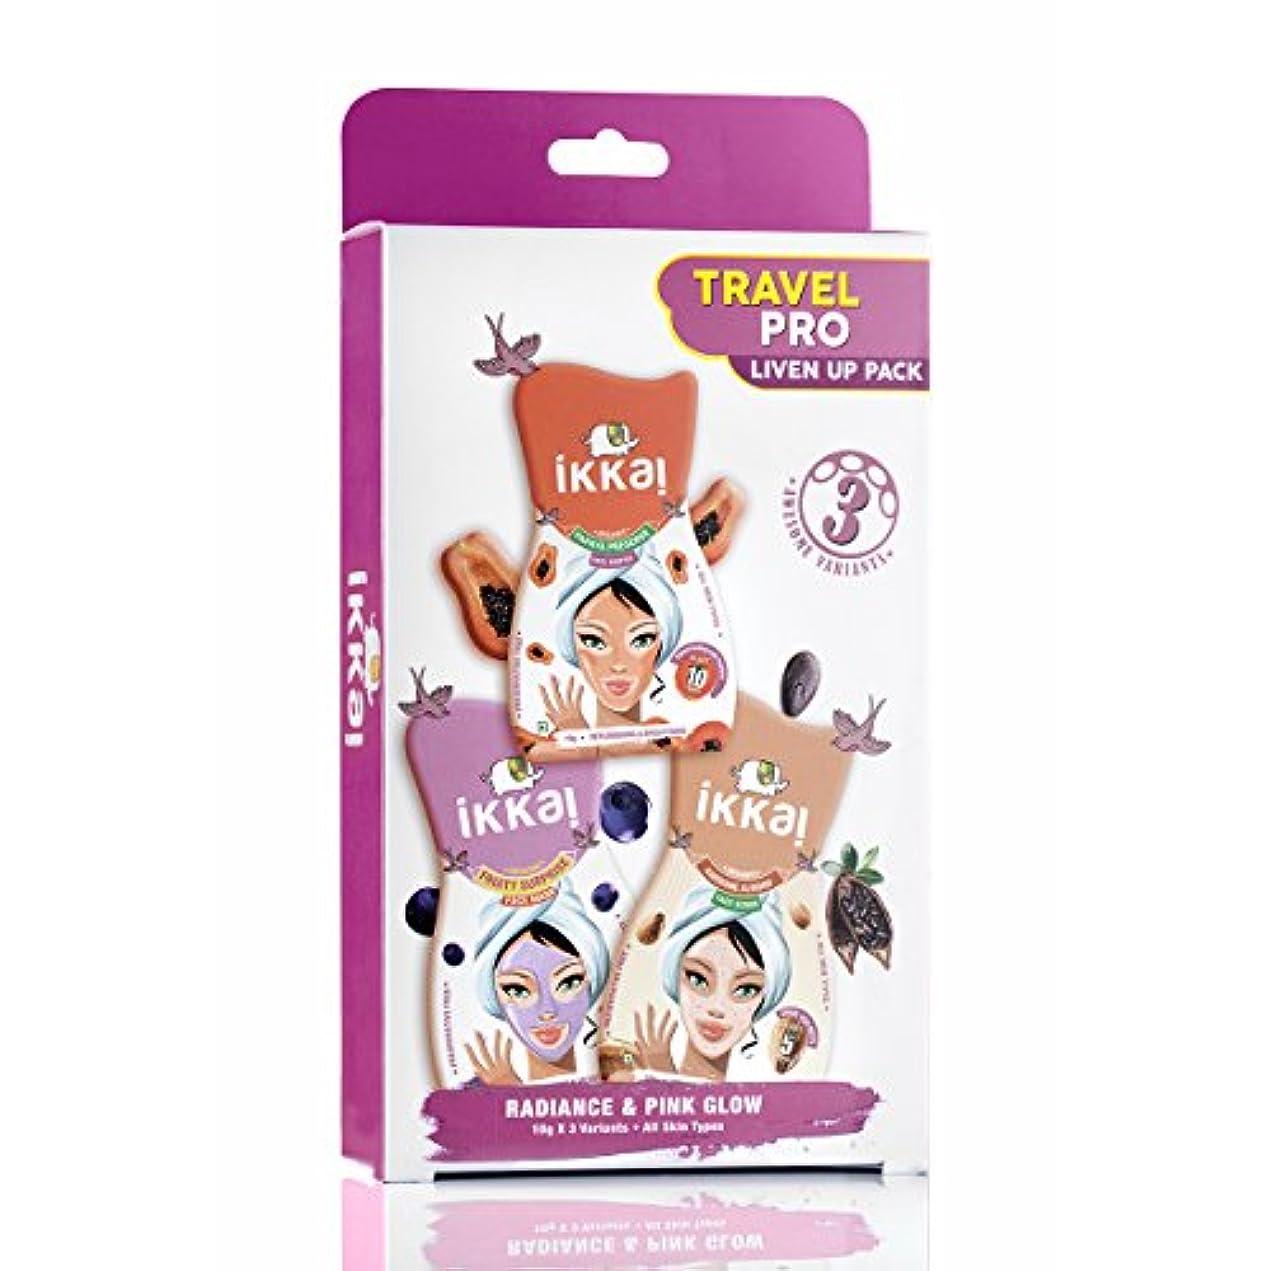 トロイの木馬コテージ運命Ikkai by Lotus Herbals Travel Pro Liven Up Pack (1 Face Mask, 1 Face Scrub and 1 Face Souffle)